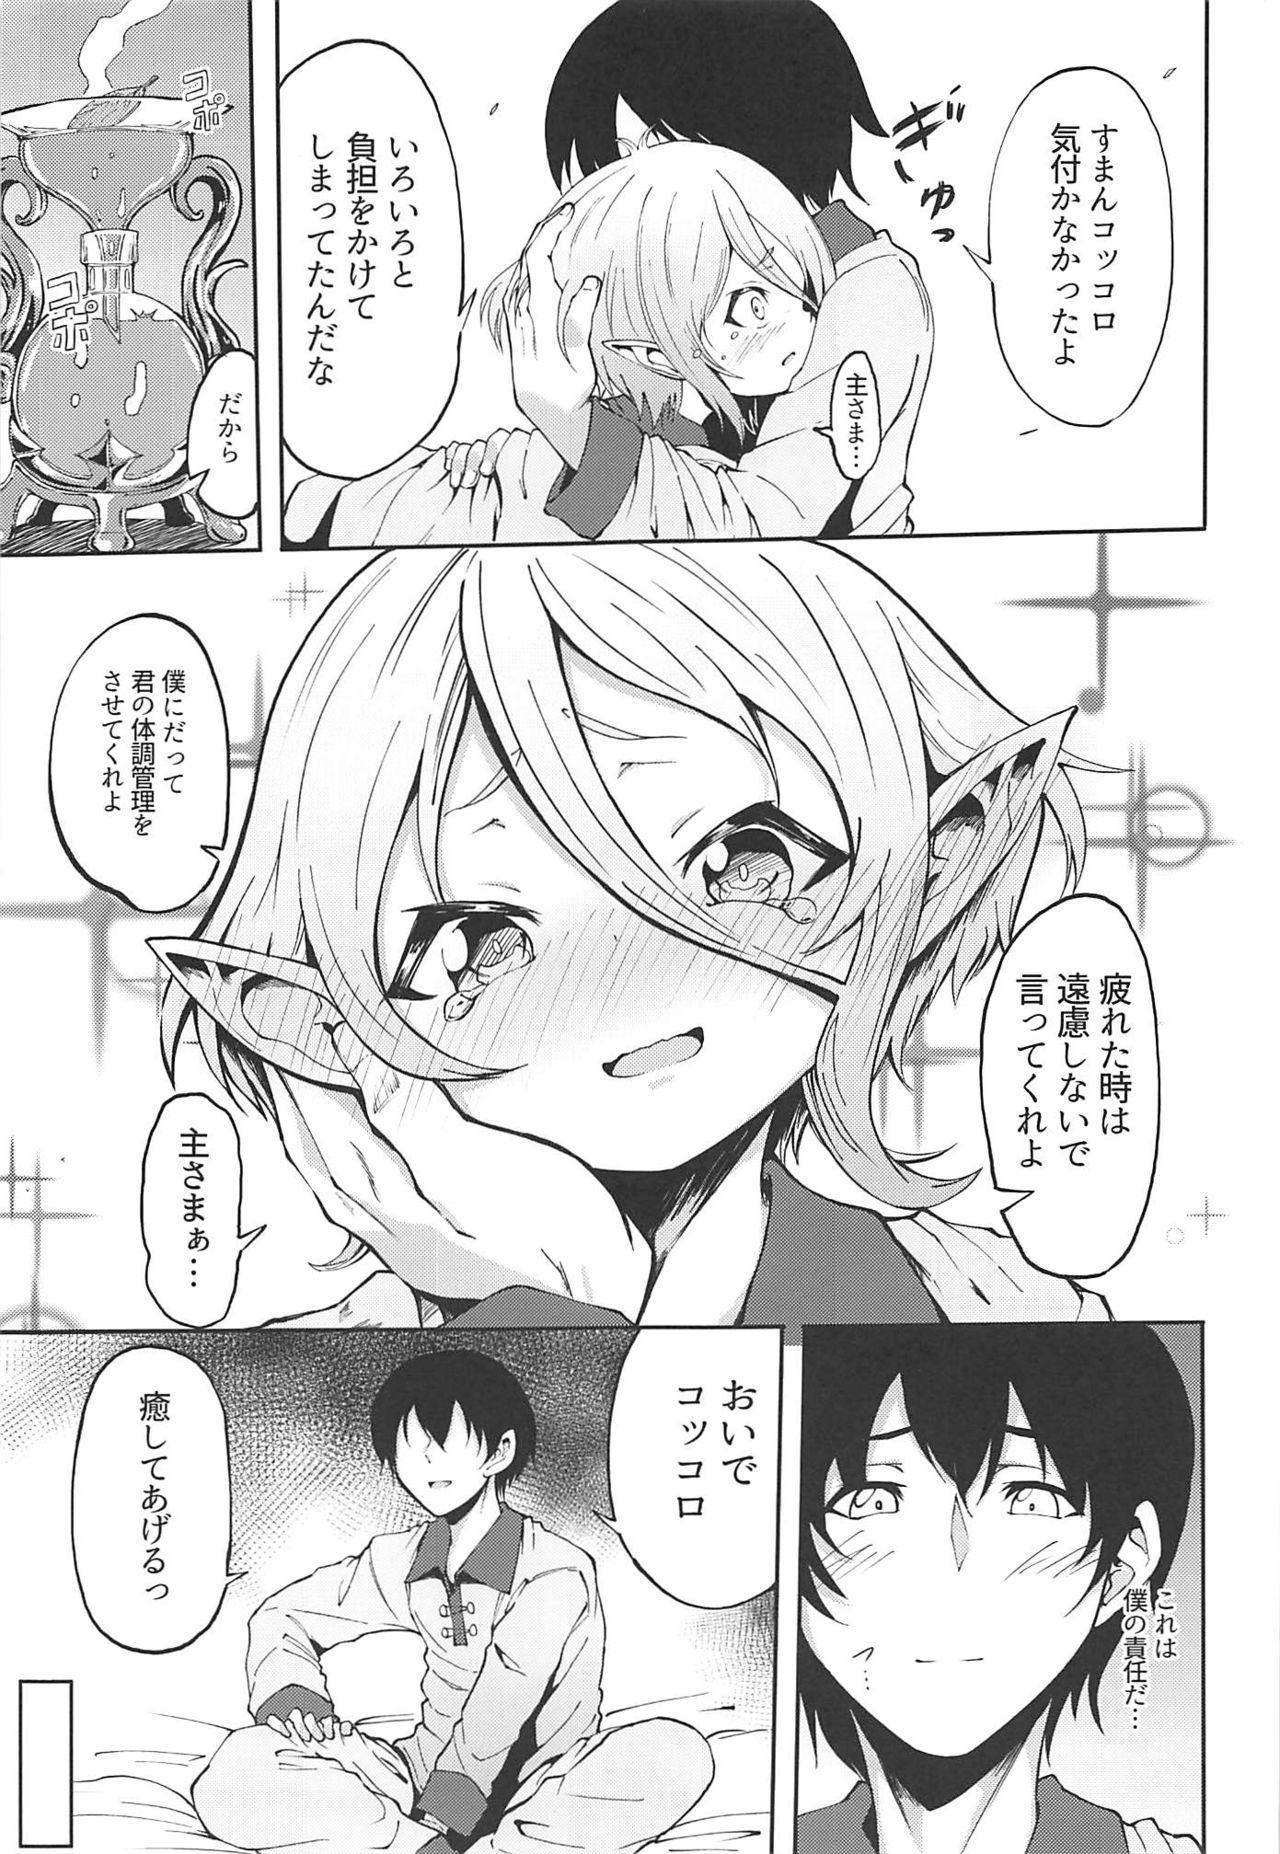 Kokkoro-chan no Seiyoku Kaika 5